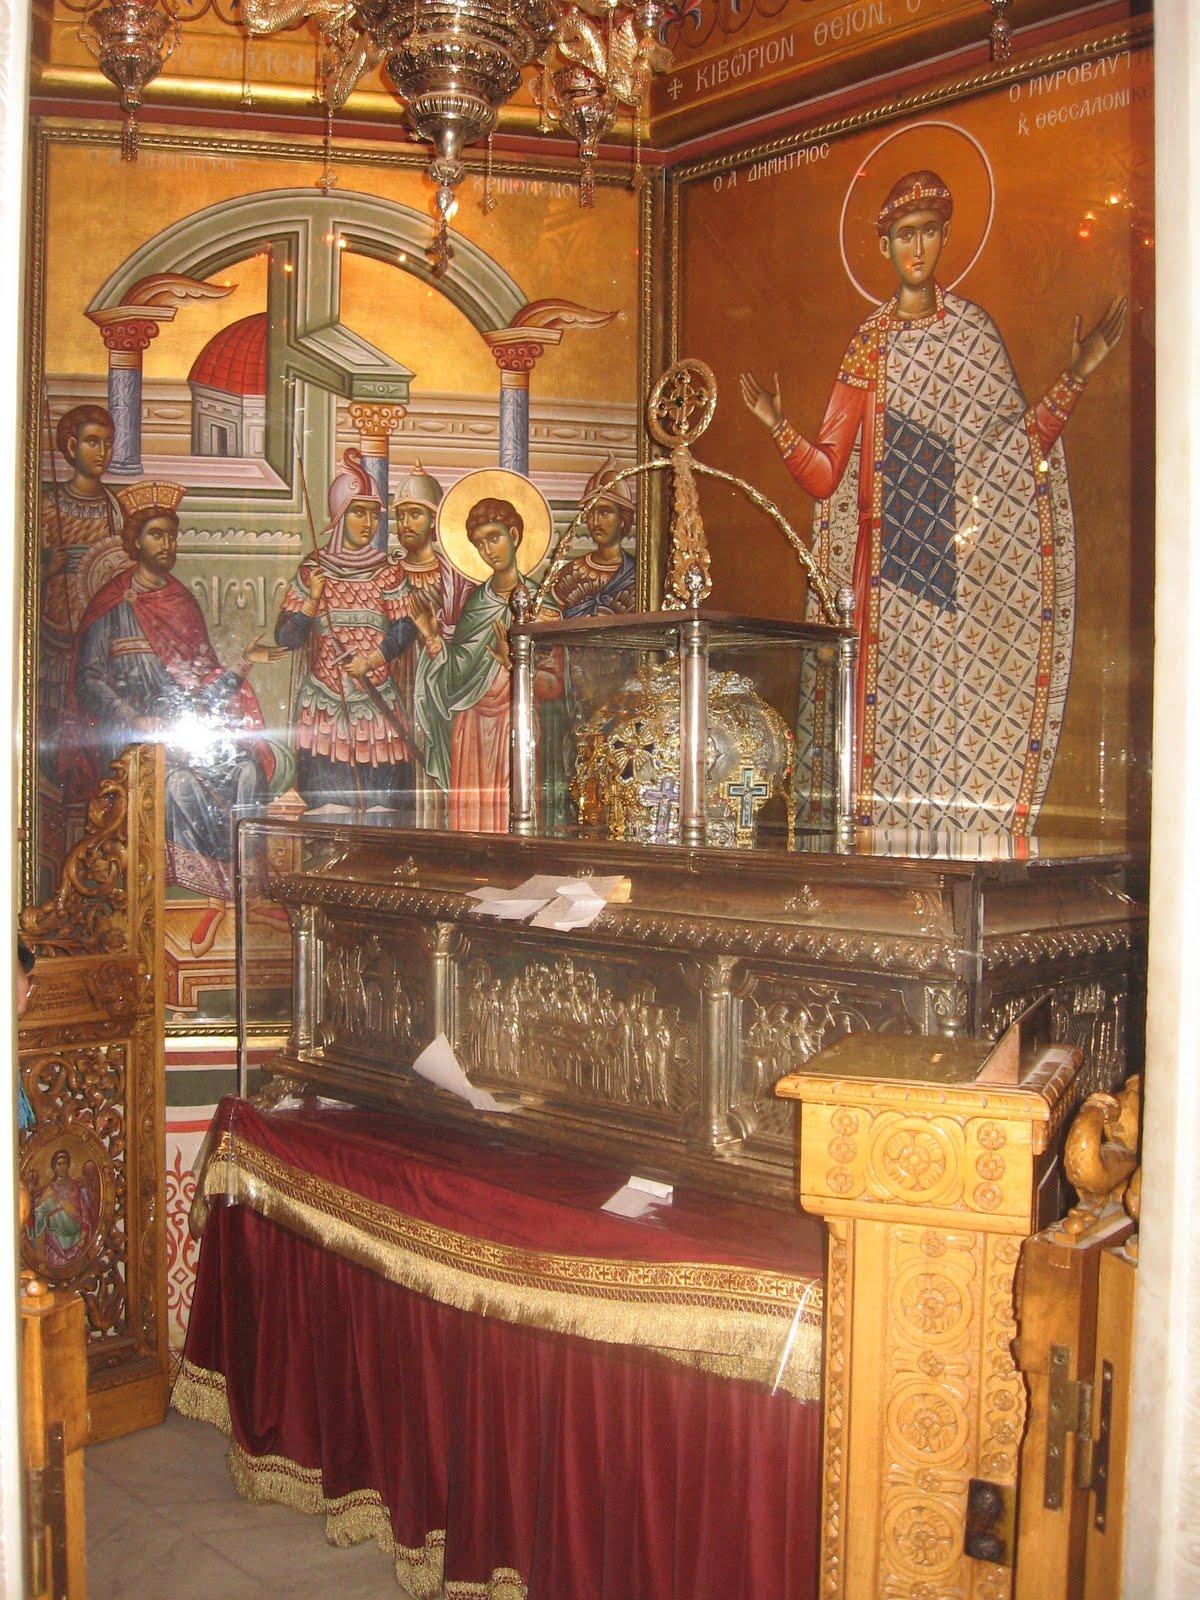 Sfintire Sf Dumitru Posta-172 - Basilica.ro  |Sf. Dumitru